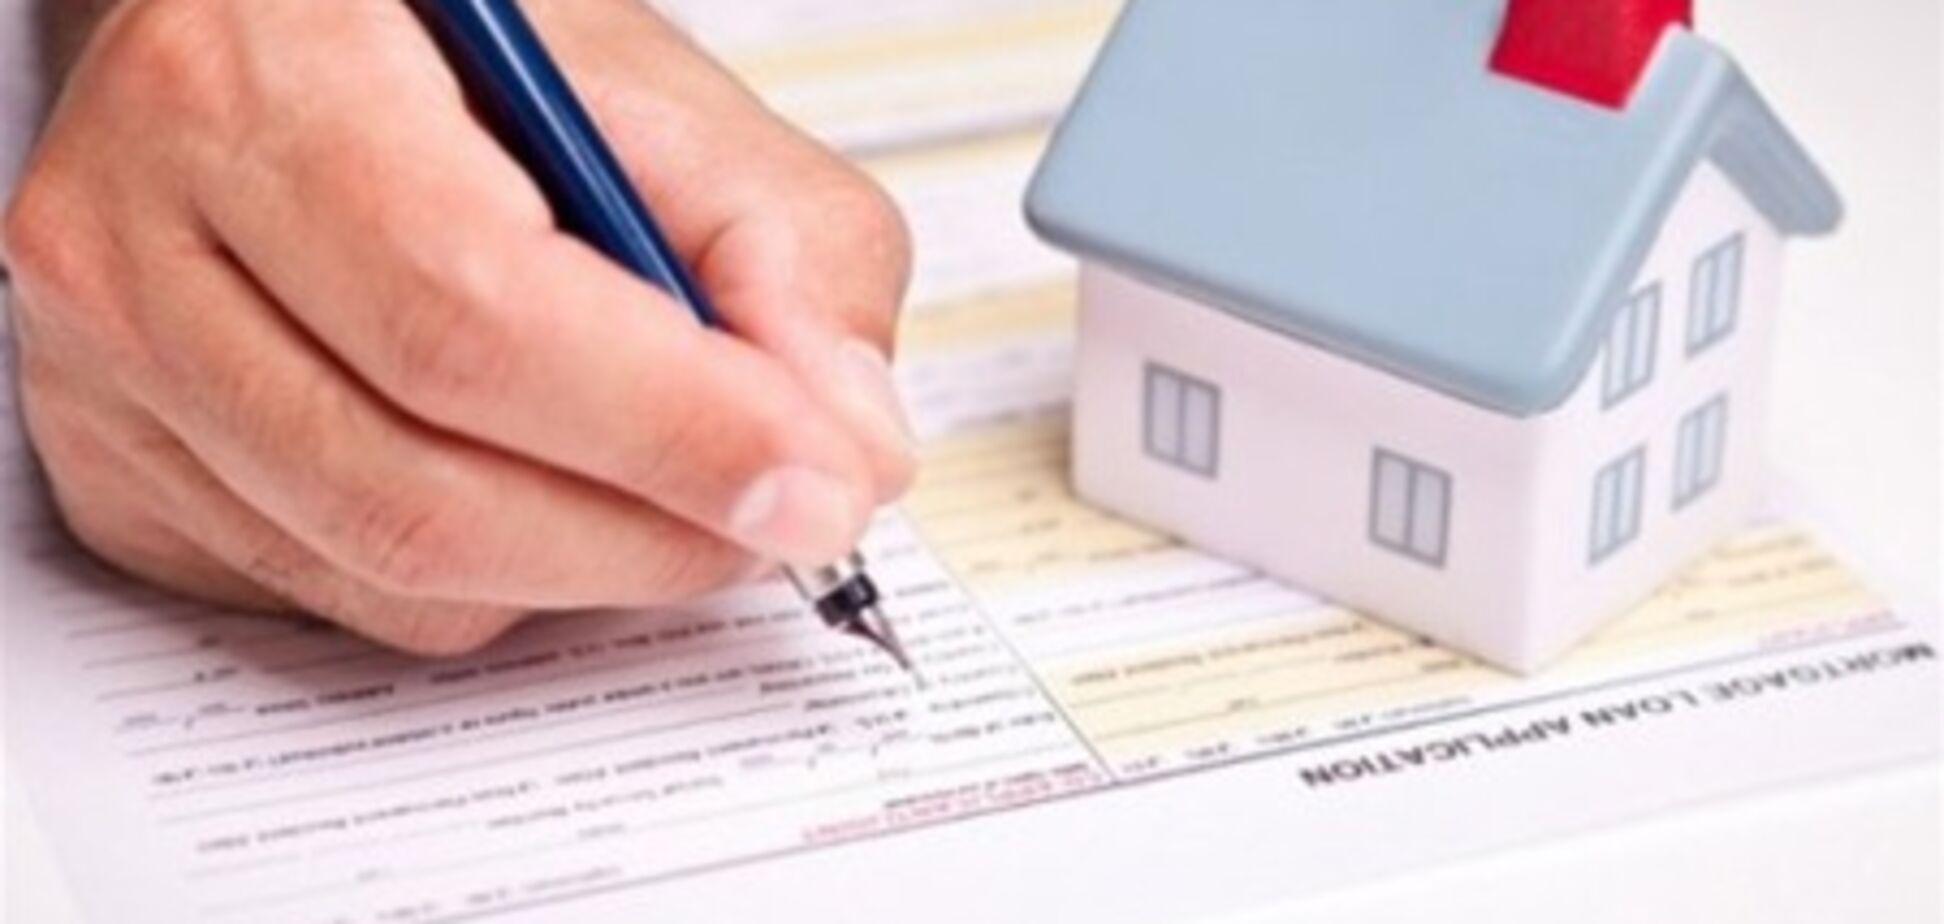 В госпрограмме льготной ипотеки нужно менять договор с банком